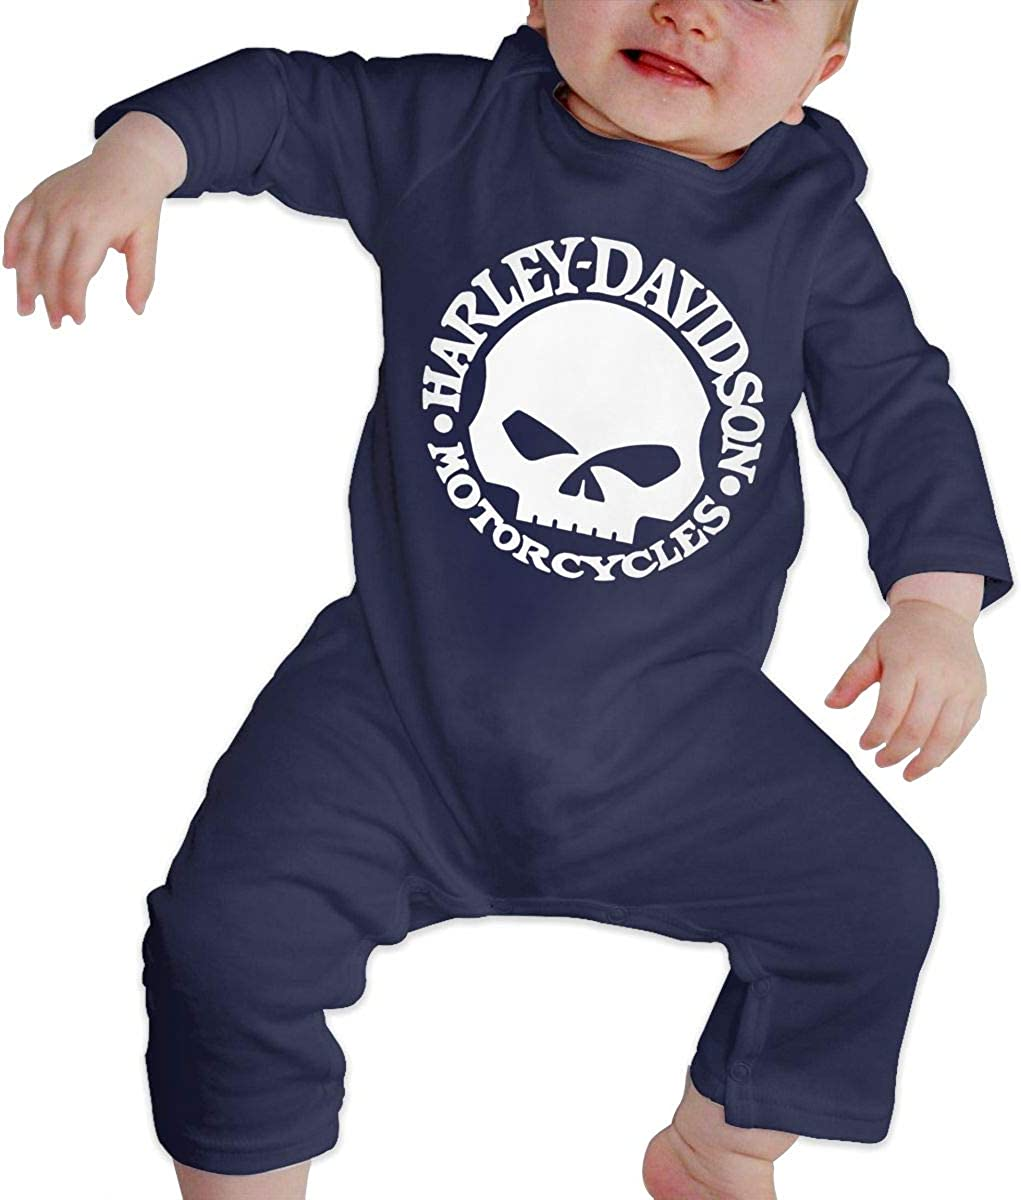 Olyha Baby Long Sleeve Onesies Harley Skull Bodysuit Cotton Toddler Romper Outfits for Boys Girls